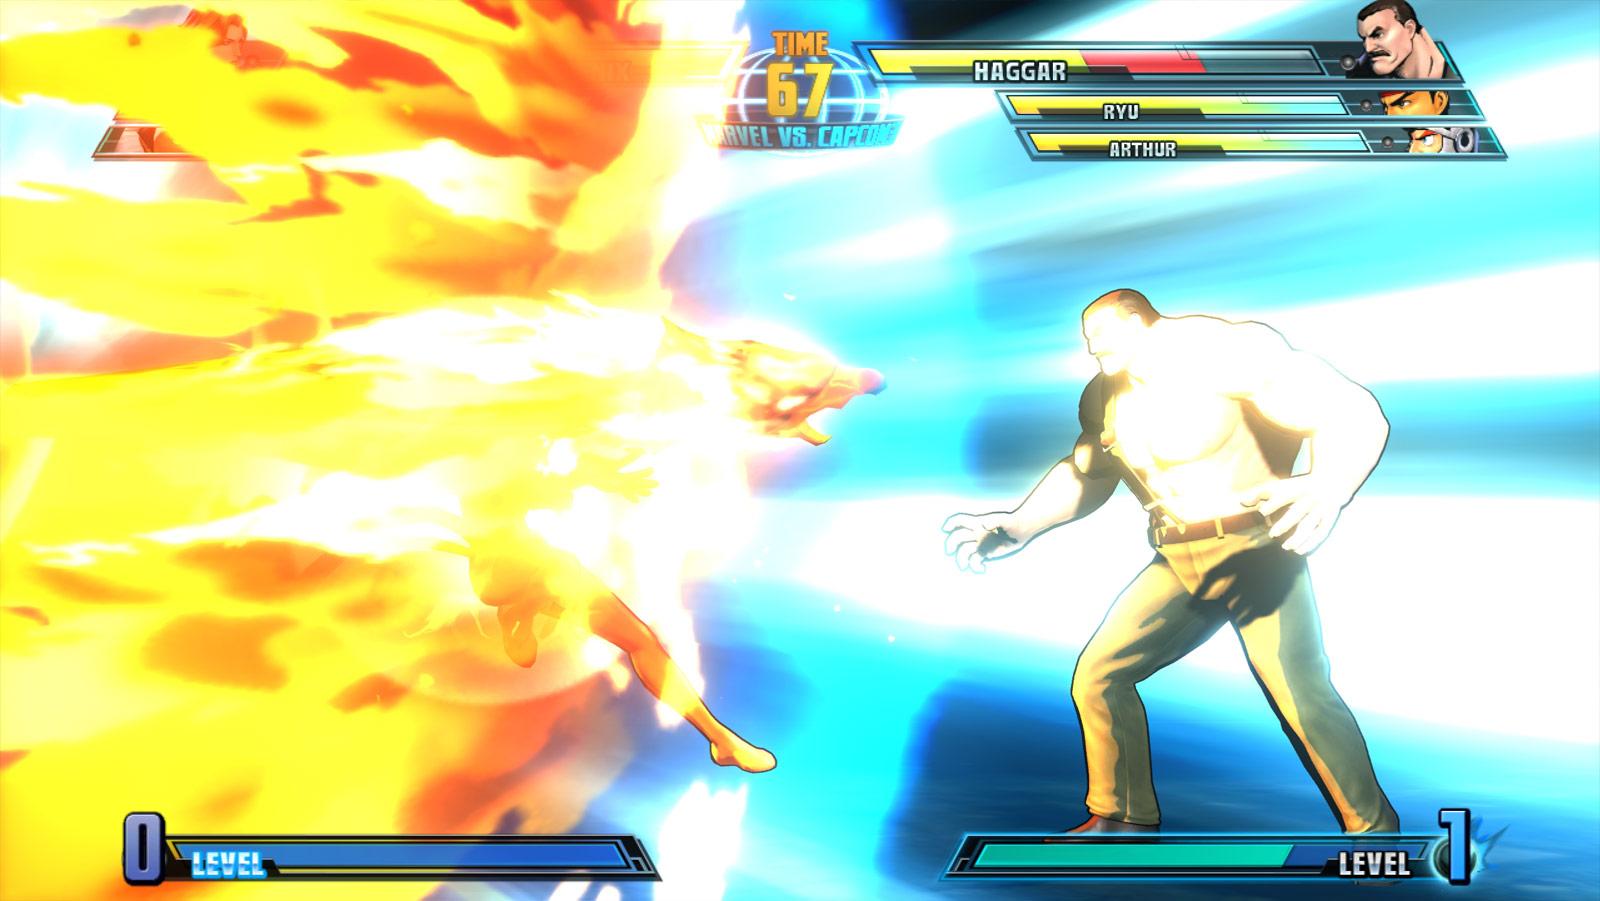 Phoenix and Haggar screen shots for Marvel vs. Capcom 3 #14